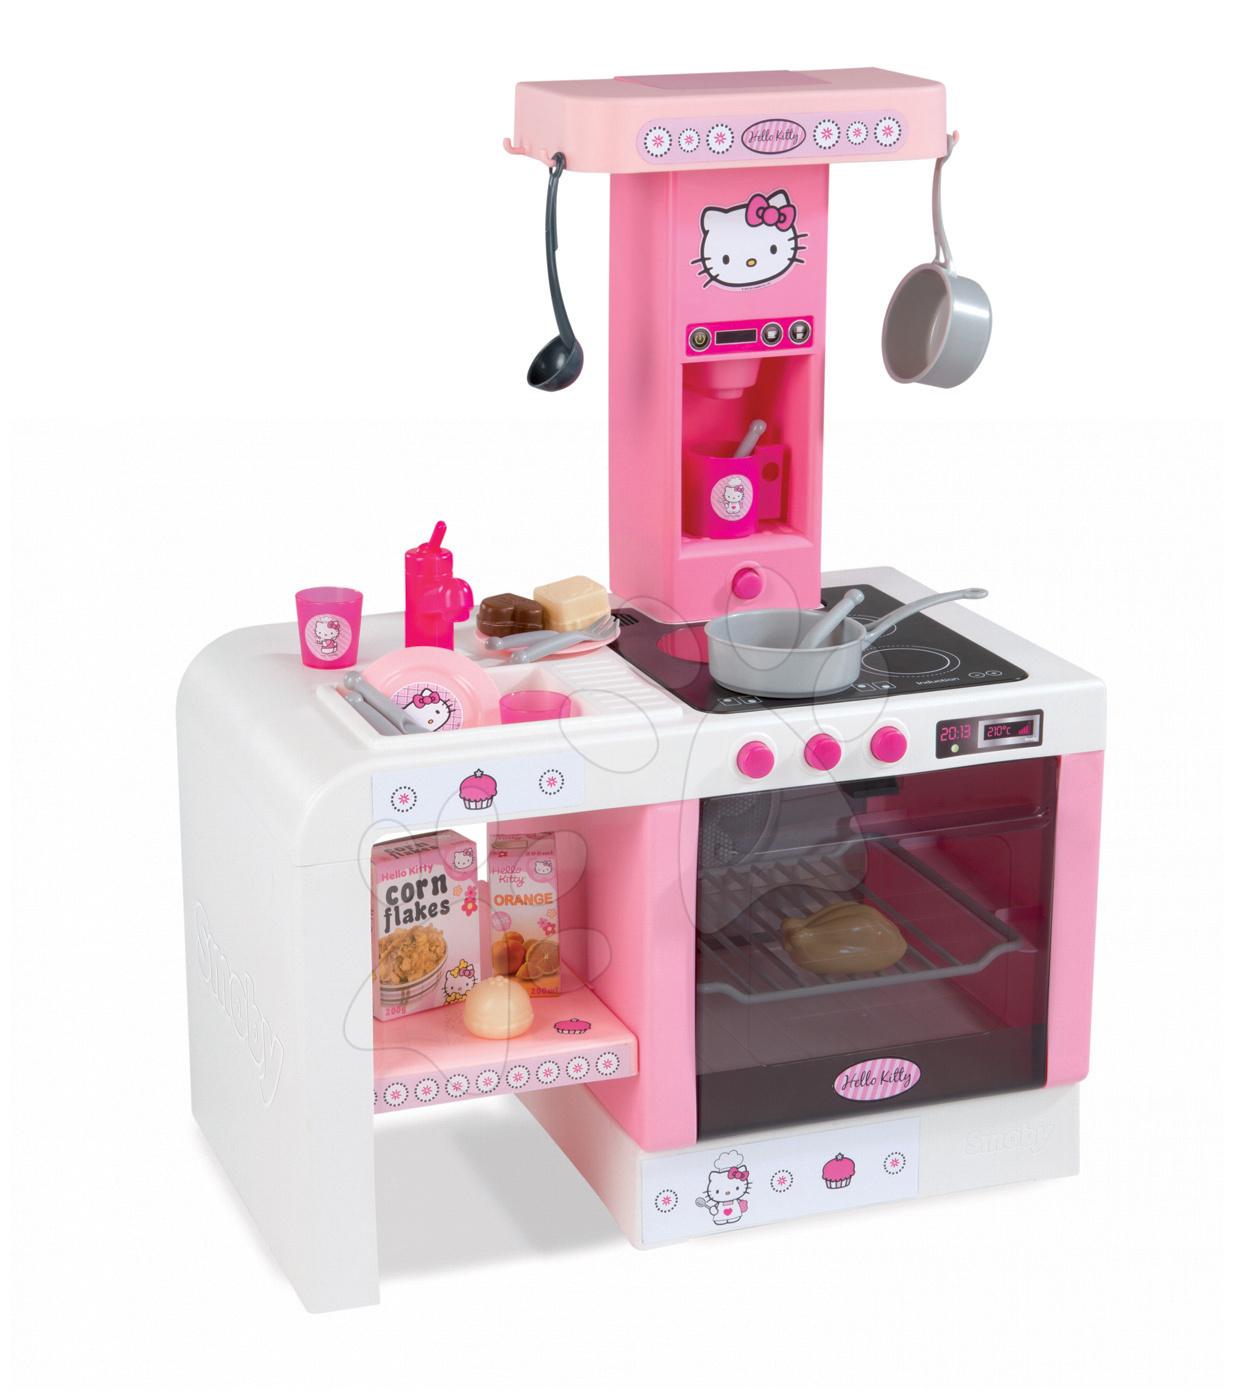 Elektronické kuchyňky - Kuchyňka Hello Kitty Cheftronic Smoby elektronická se zvuky a 20 doplňky